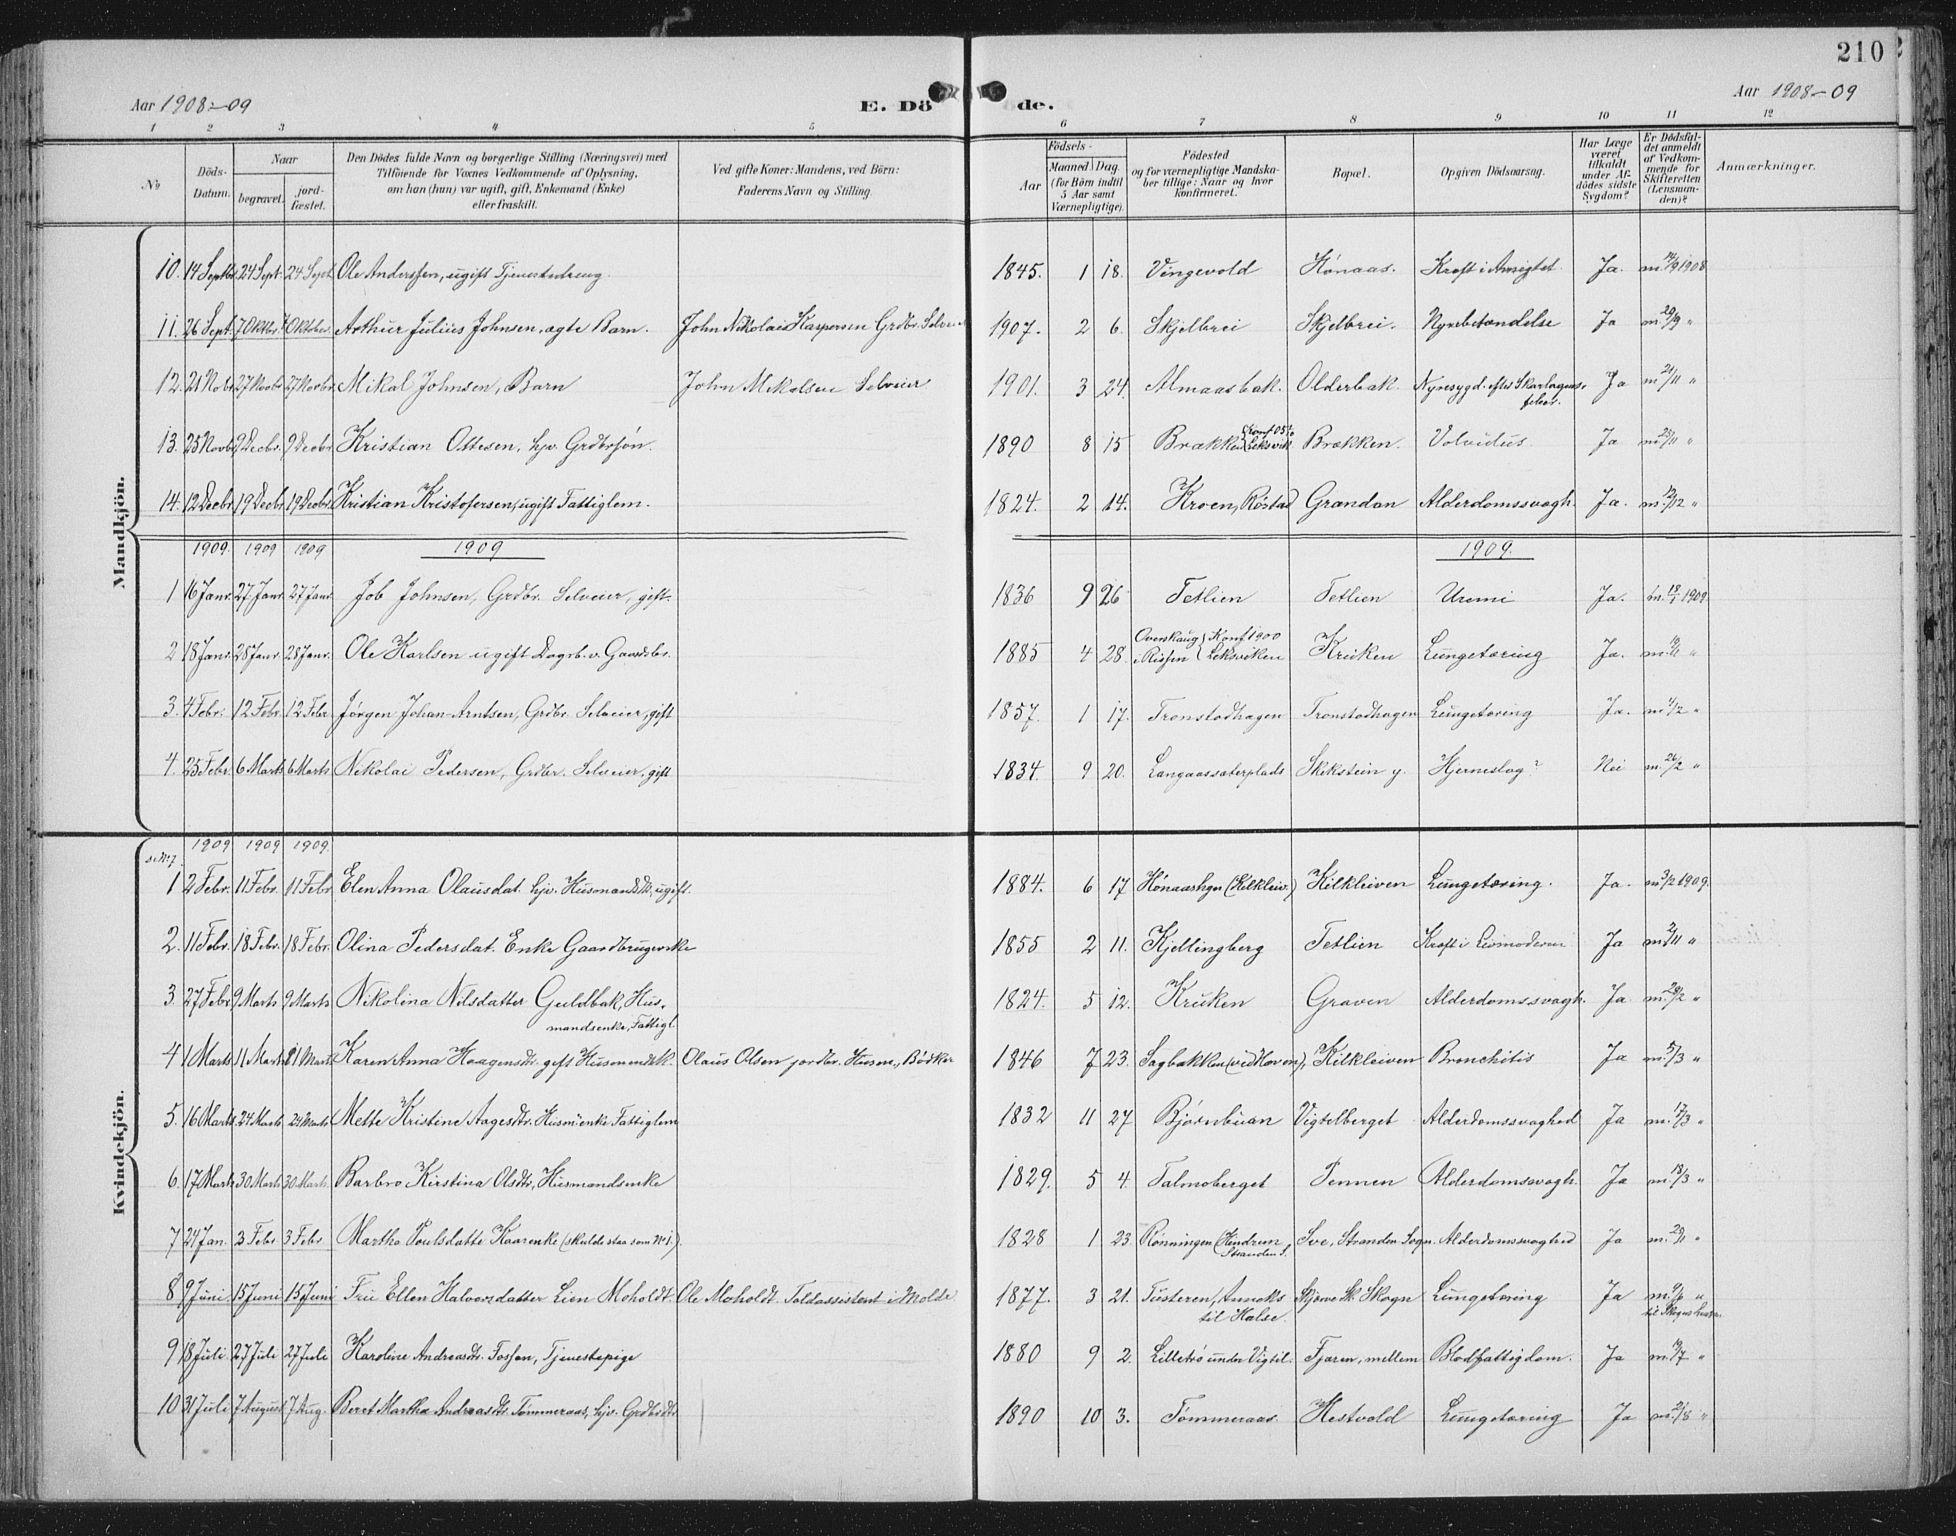 SAT, Ministerialprotokoller, klokkerbøker og fødselsregistre - Nord-Trøndelag, 701/L0011: Ministerialbok nr. 701A11, 1899-1915, s. 210